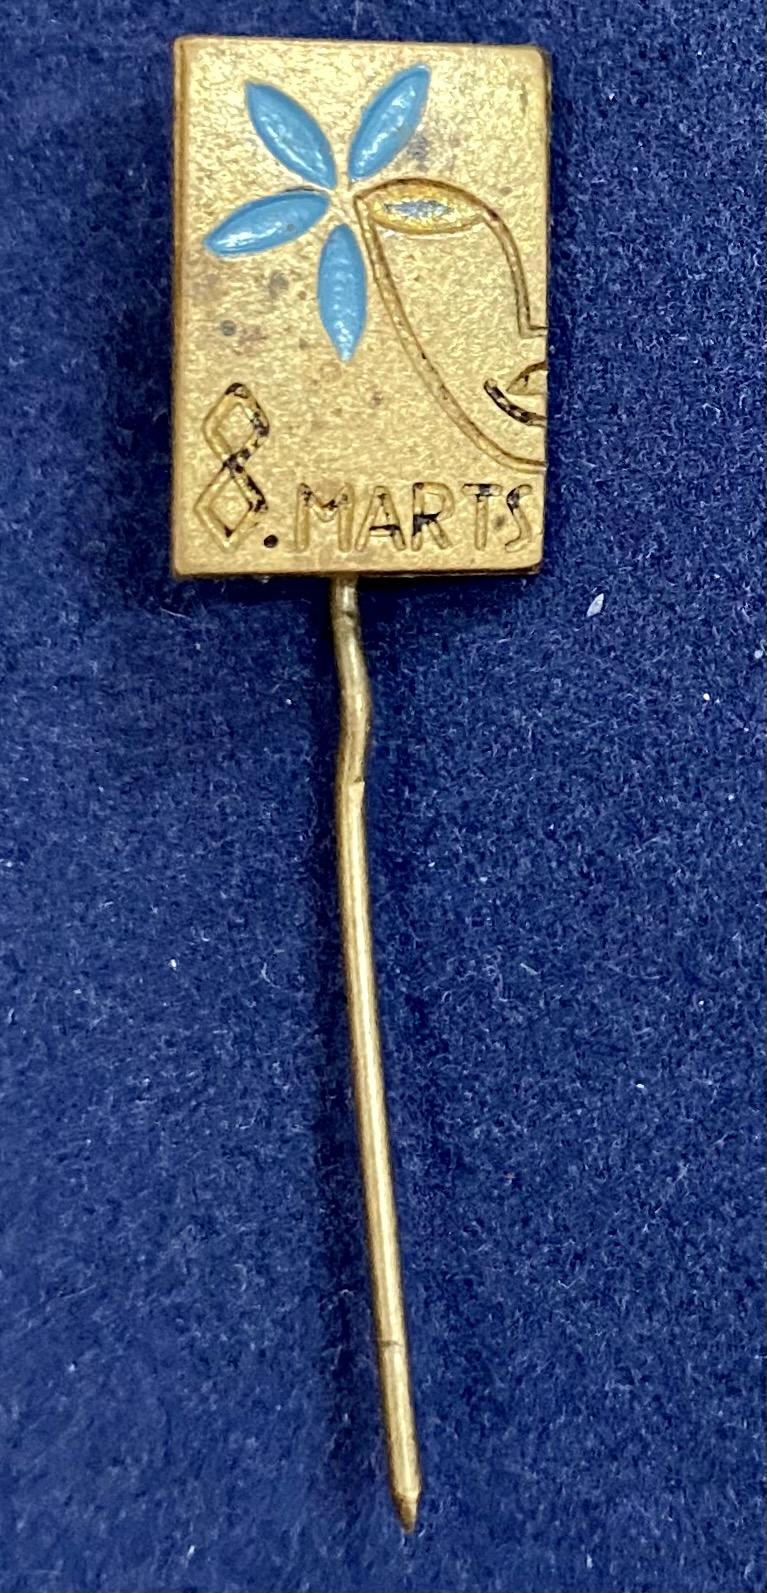 Значок на иголке 8 Марта с голубым цветком